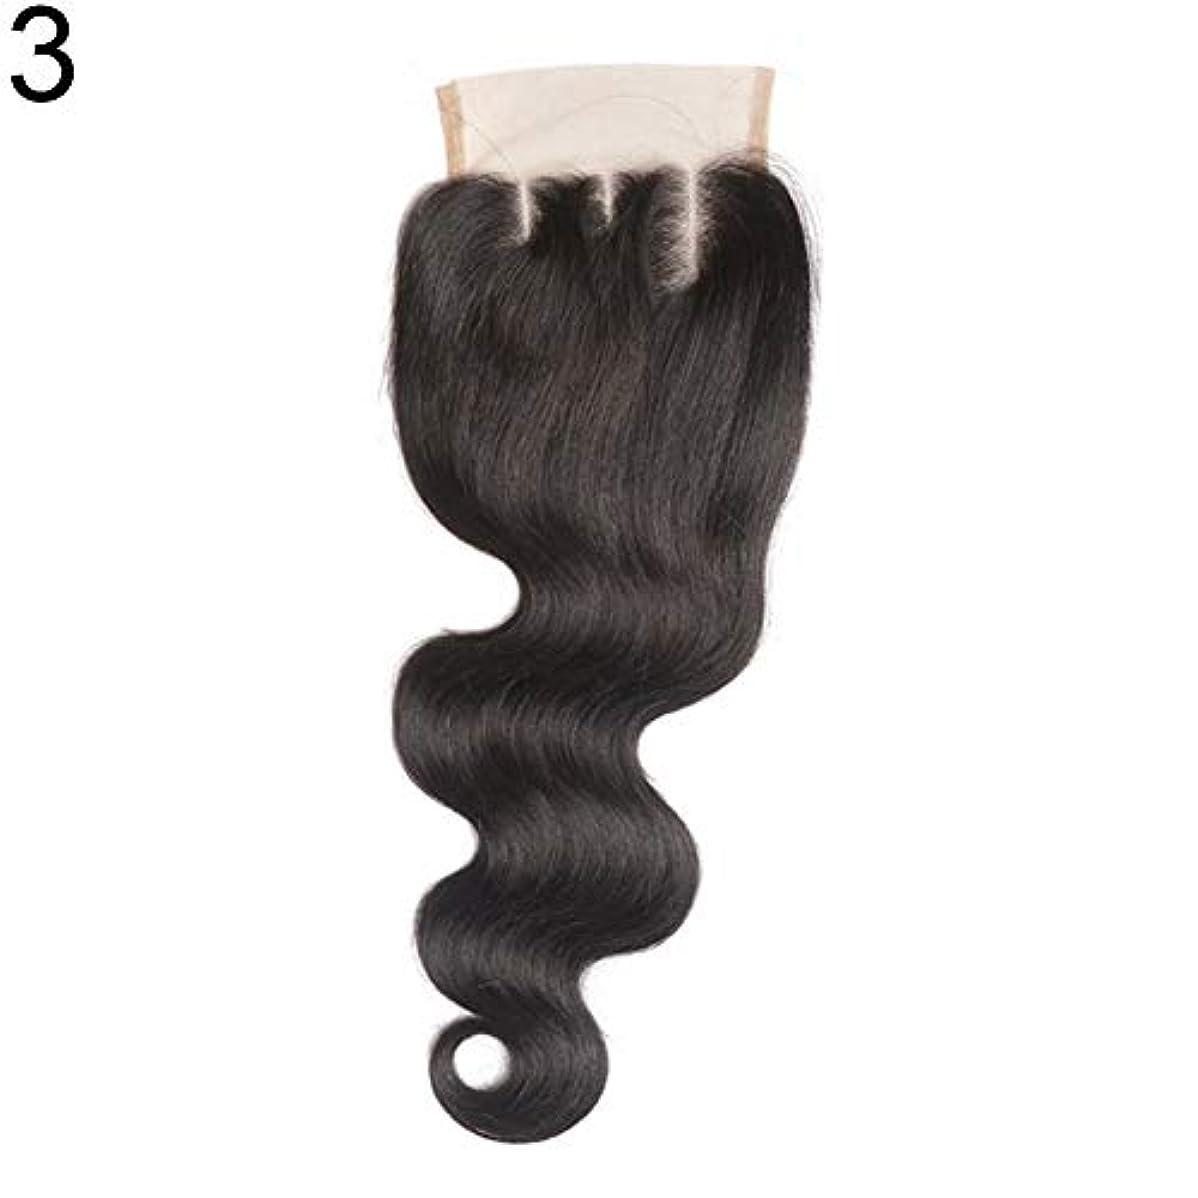 舌いとこ呼びかけるslQinjiansav女性ウィッグ修理ツールブラジルのミドル/フリー/3部人間の髪のレース閉鎖ウィッグ黒ヘアピース